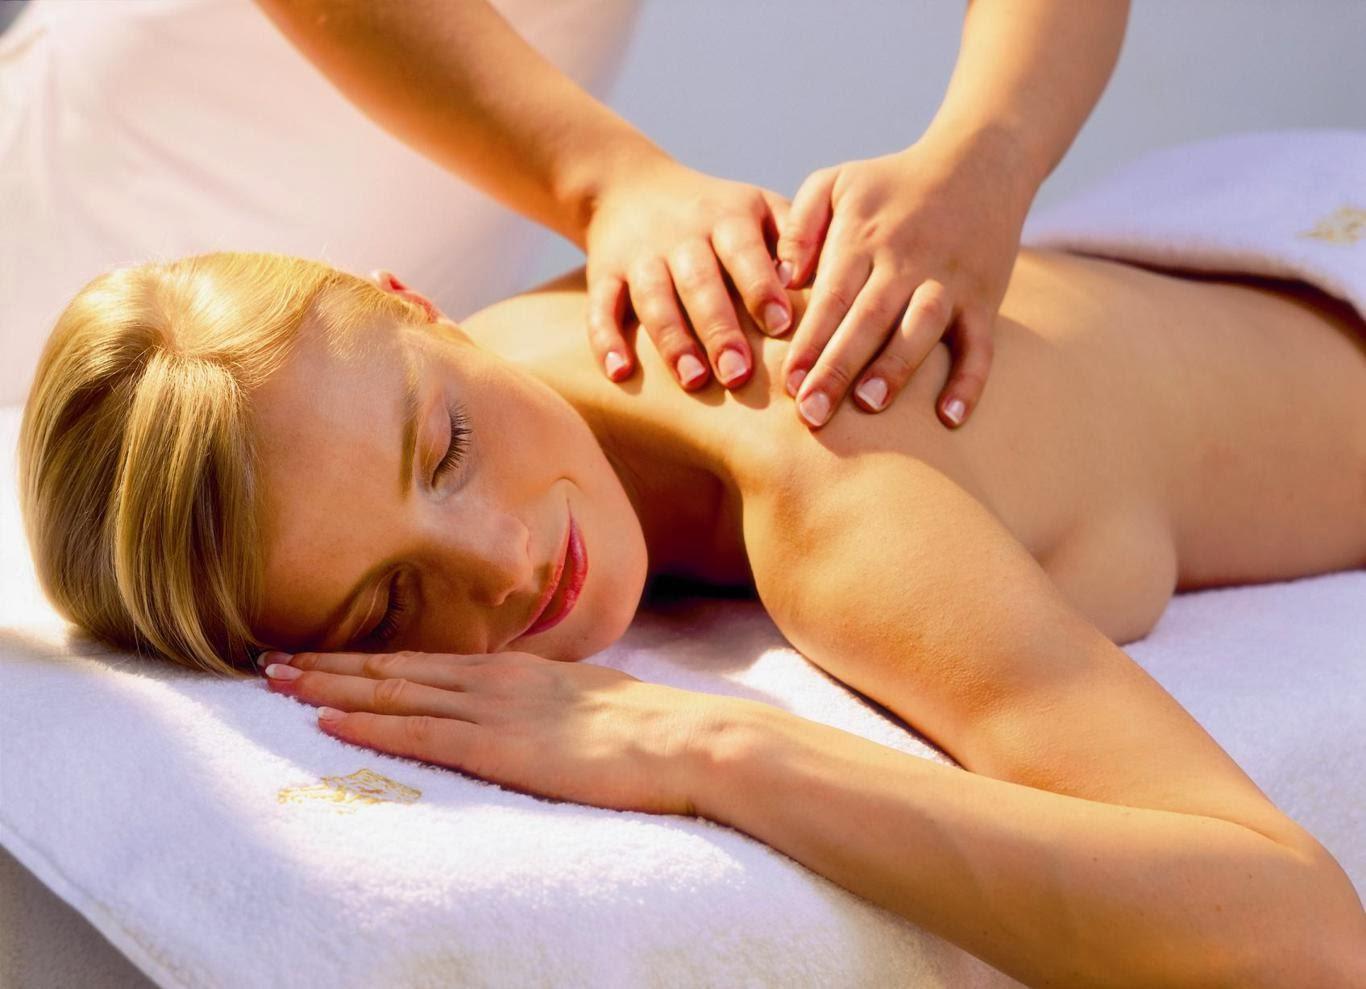 Как правильно сделать интимный массаж